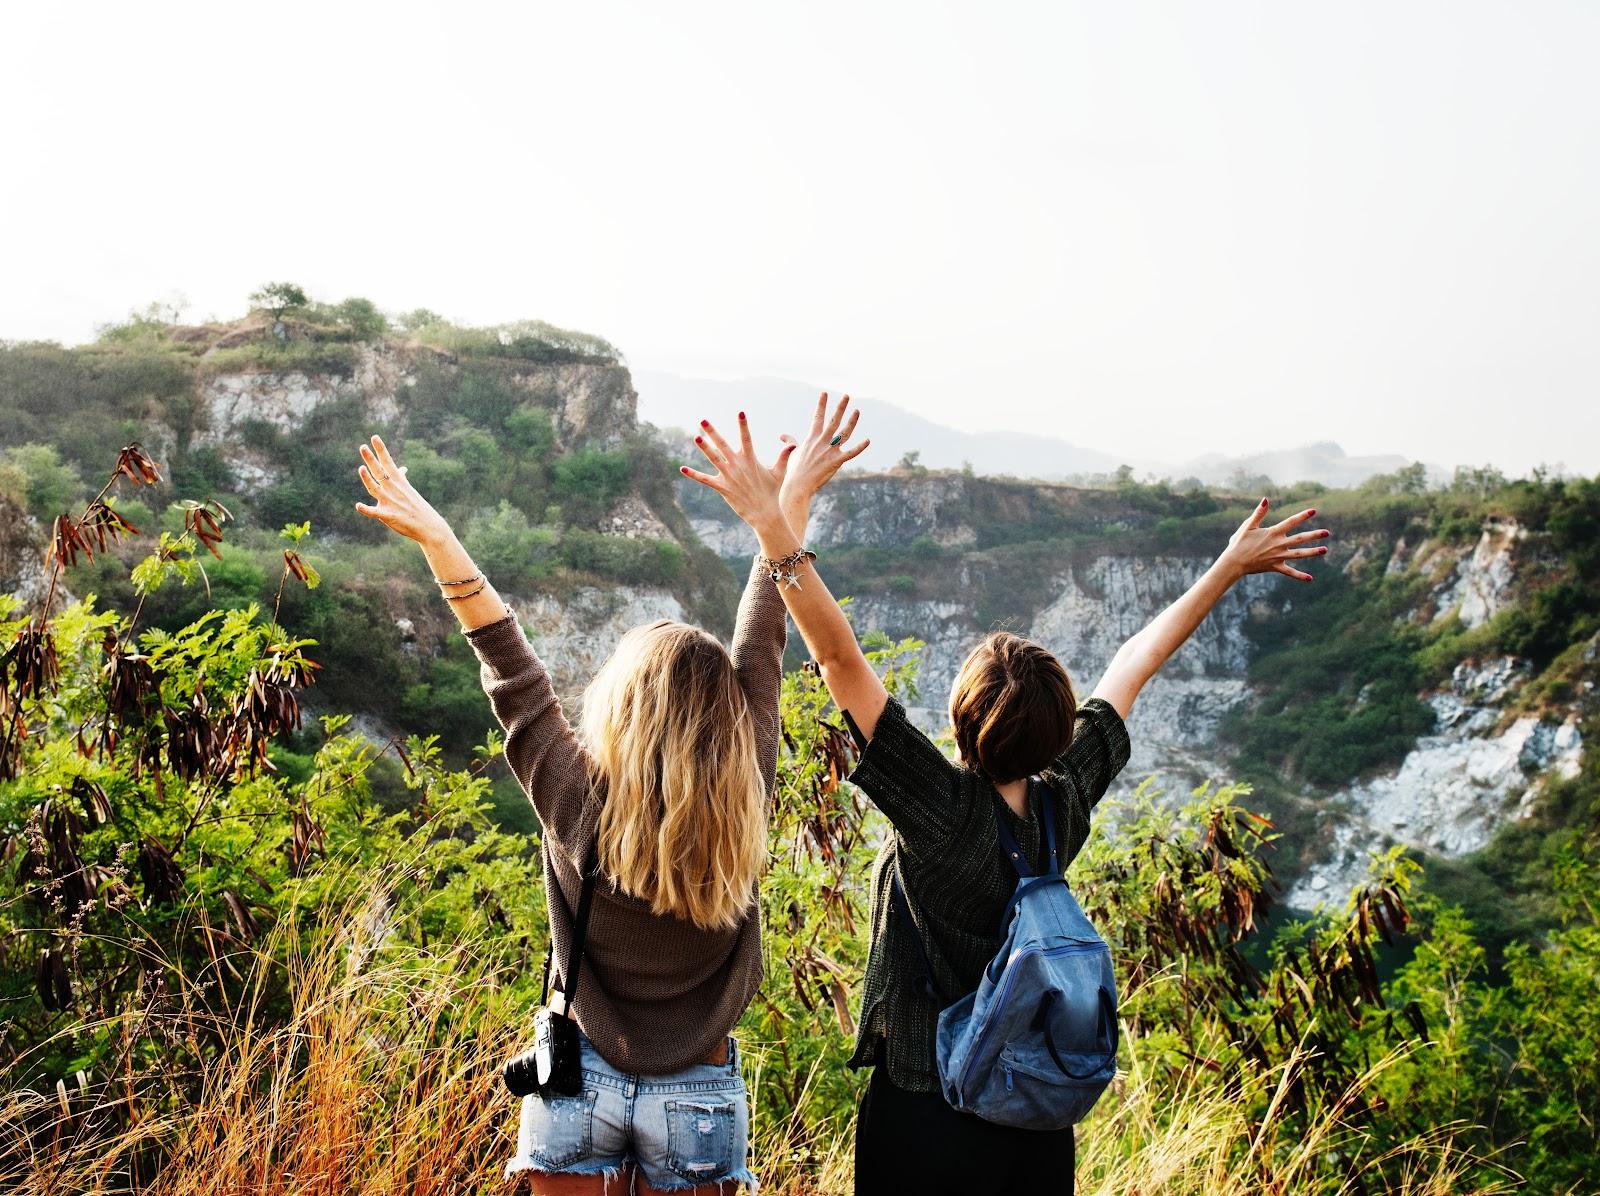 Doua fete fericite cu fata spre munti